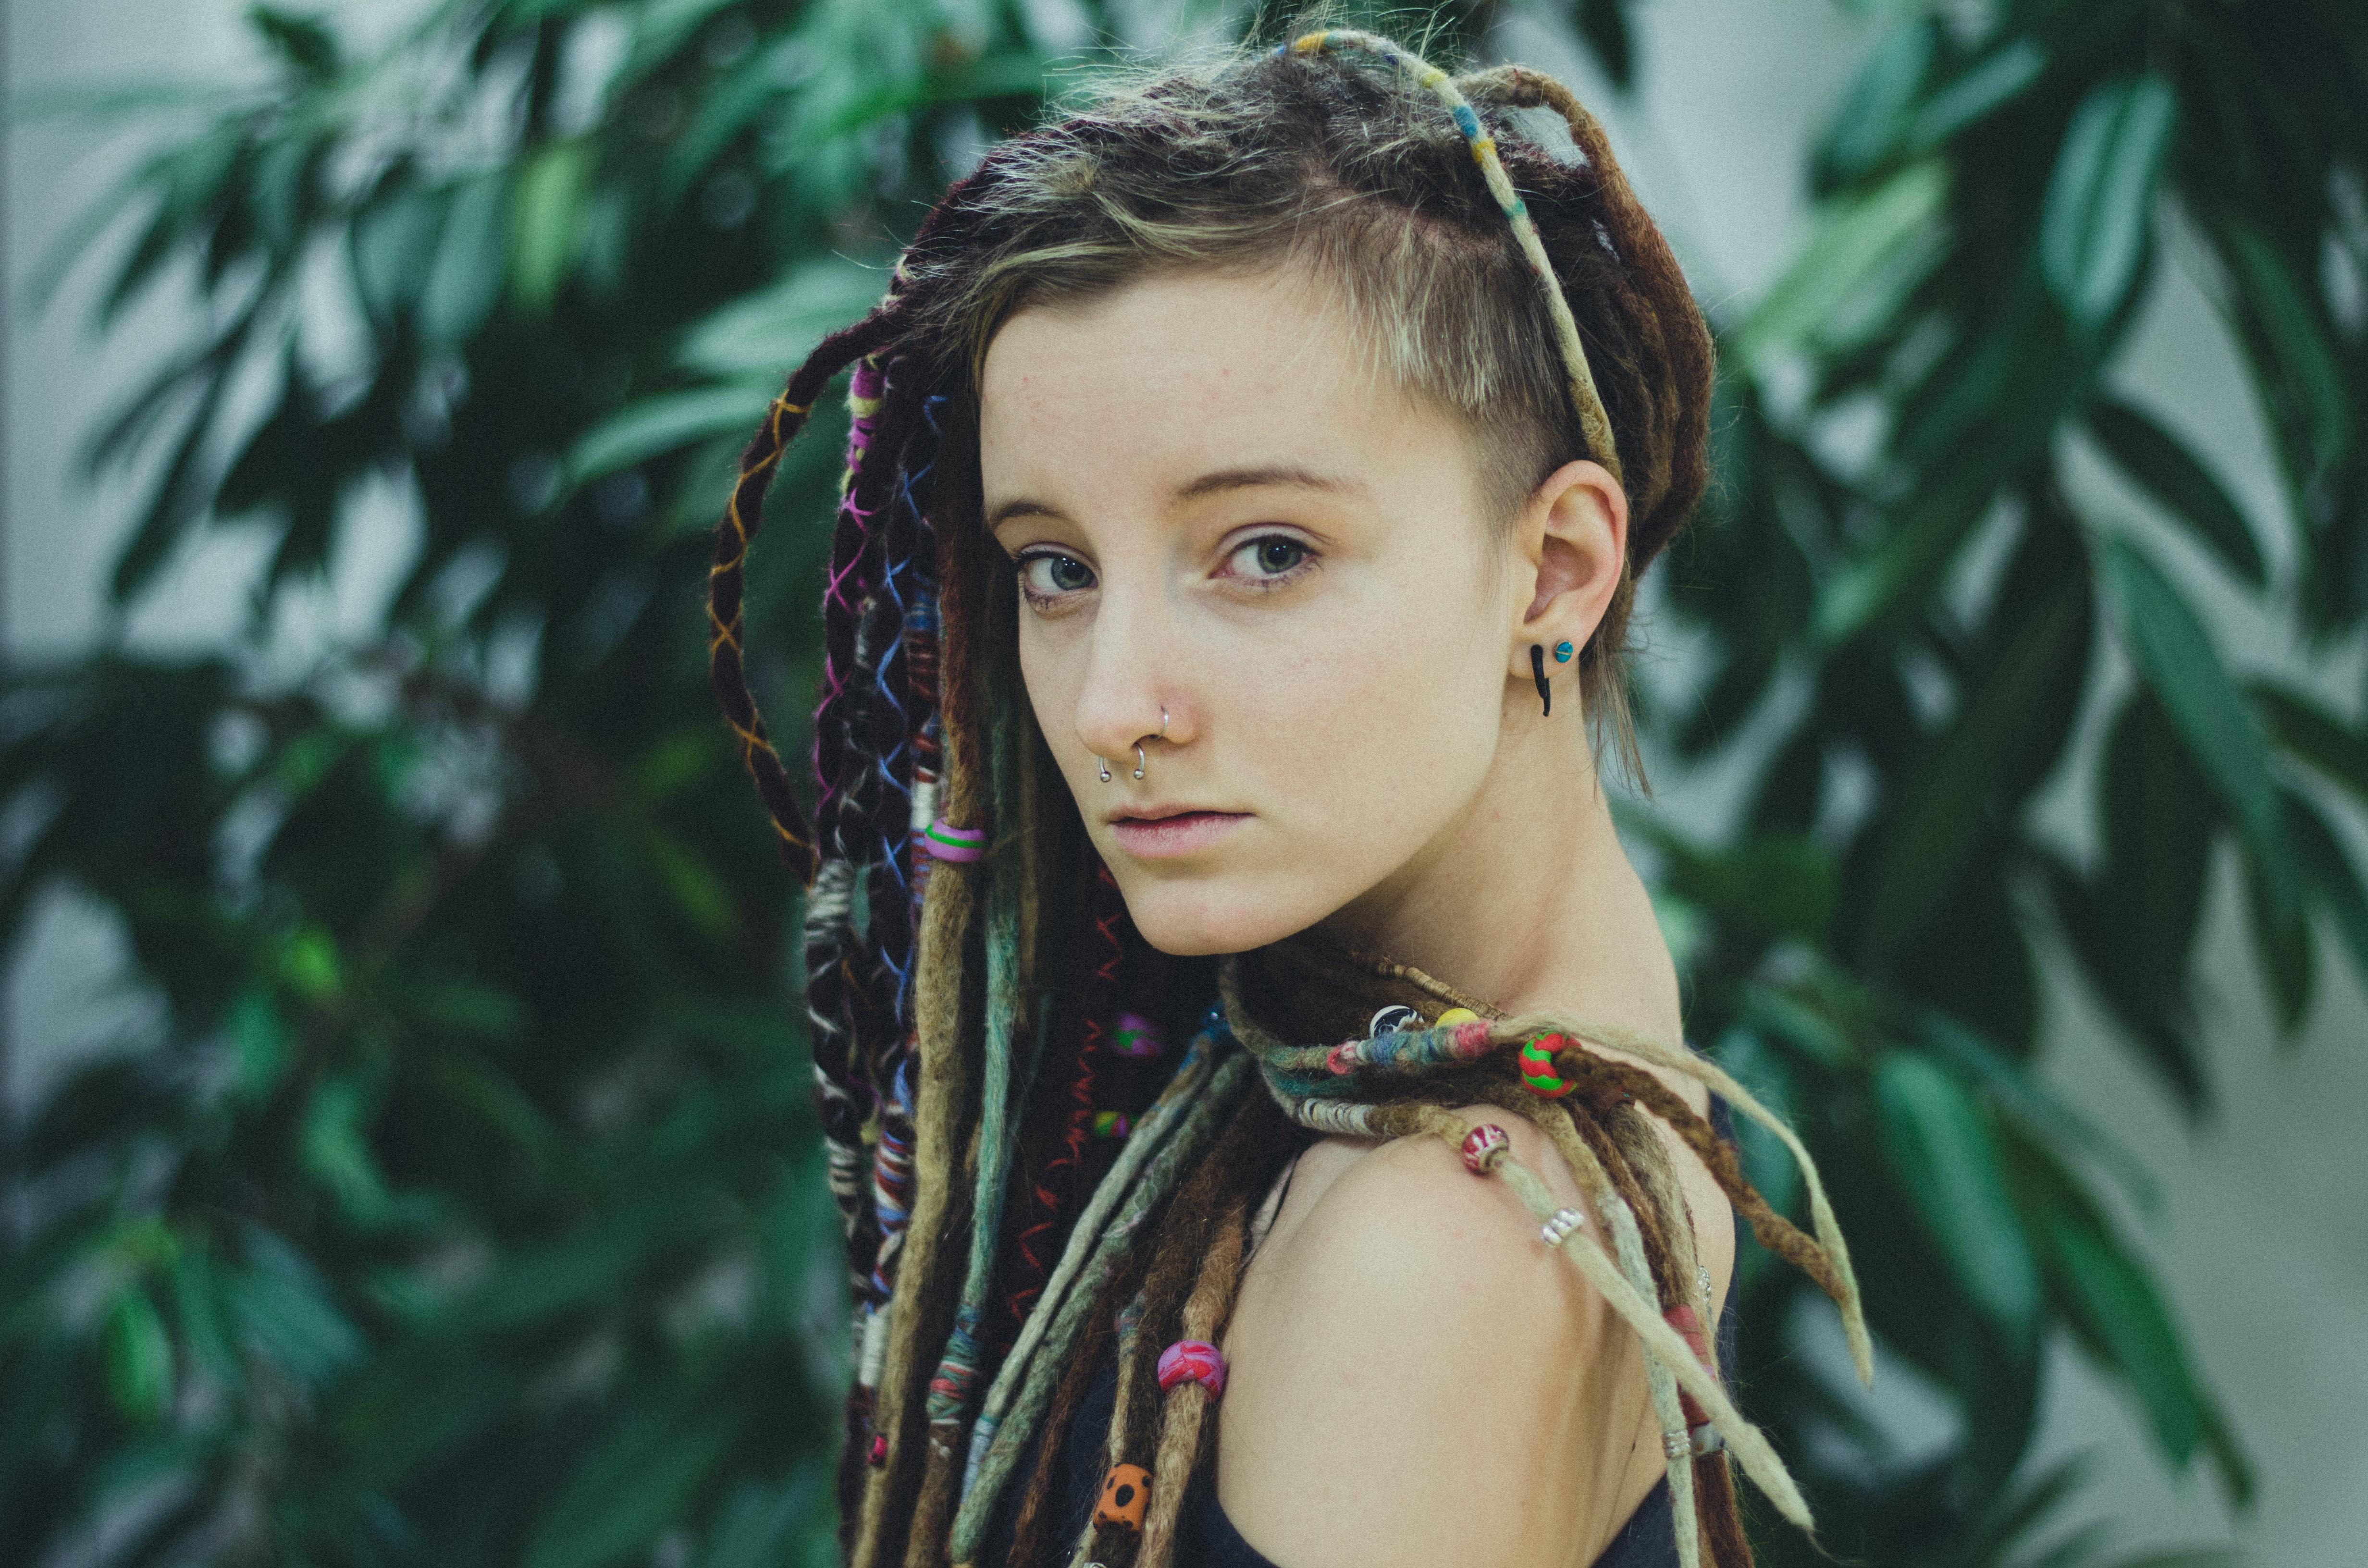 Wallpaper : model, eyes, long hair, plants, black hair, piercing ...